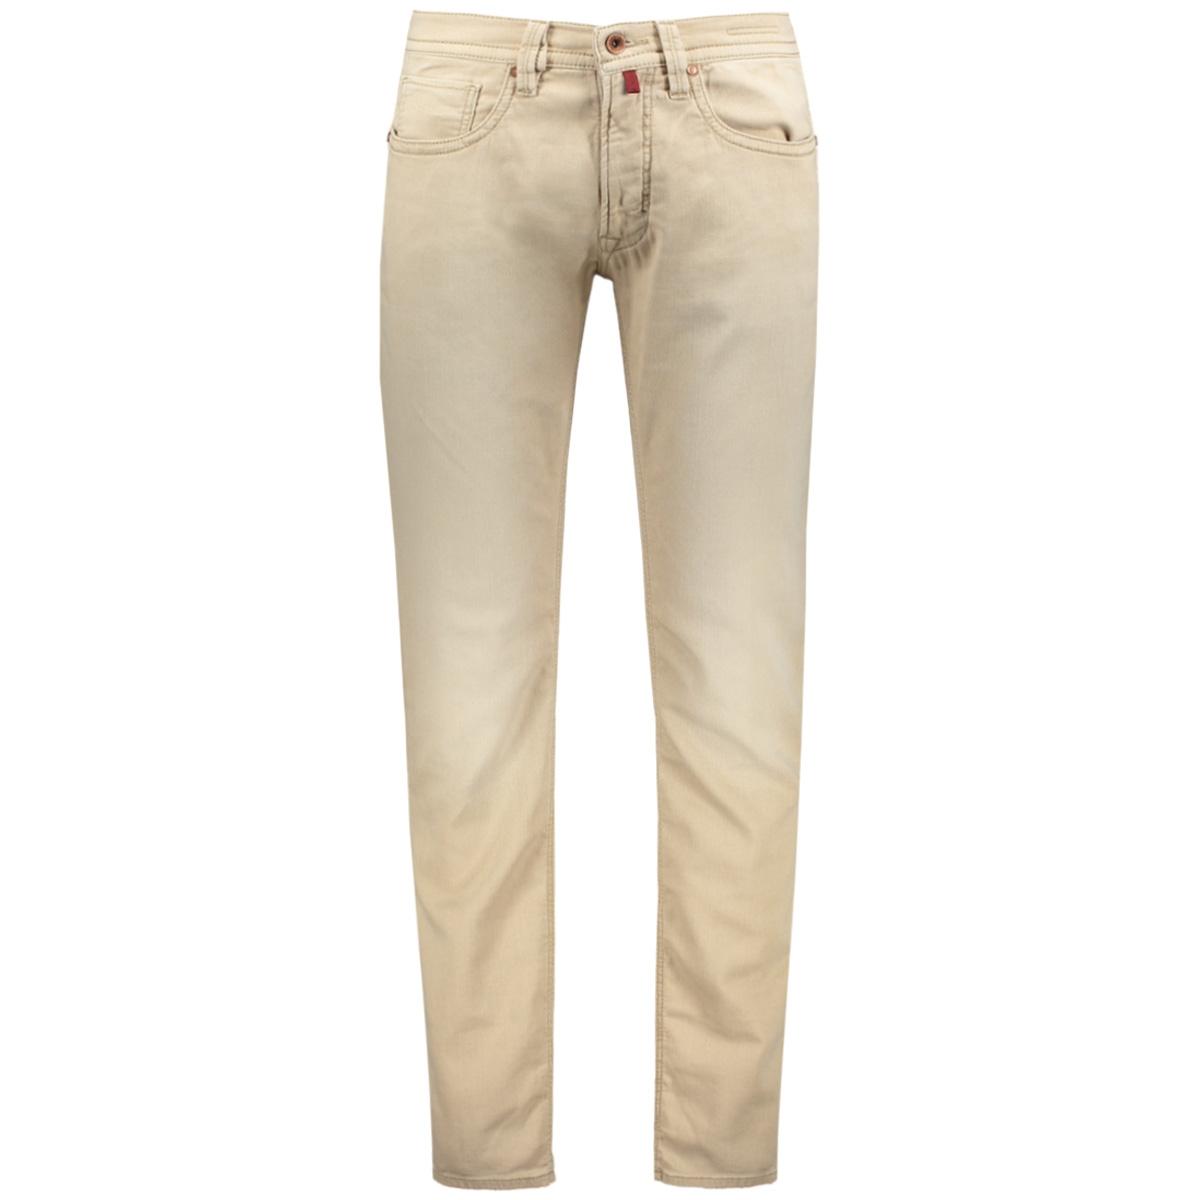 lyon 30911/000/07690 pierre cardin jeans 27